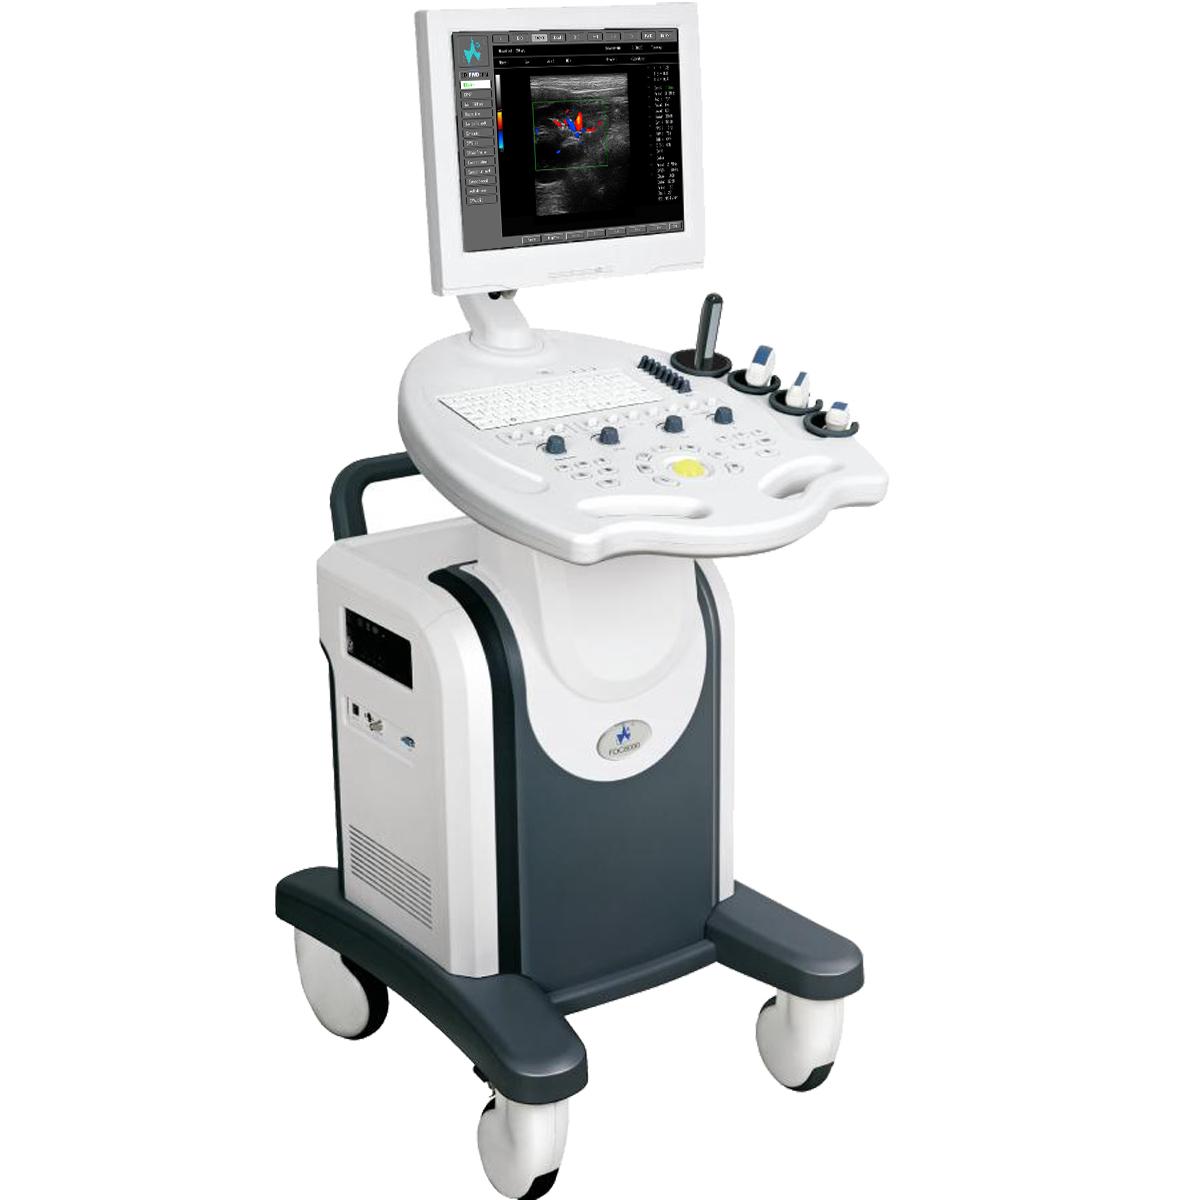 FDC8000VSystème de Diagnostic Par Ultrasons Doppler Couleur